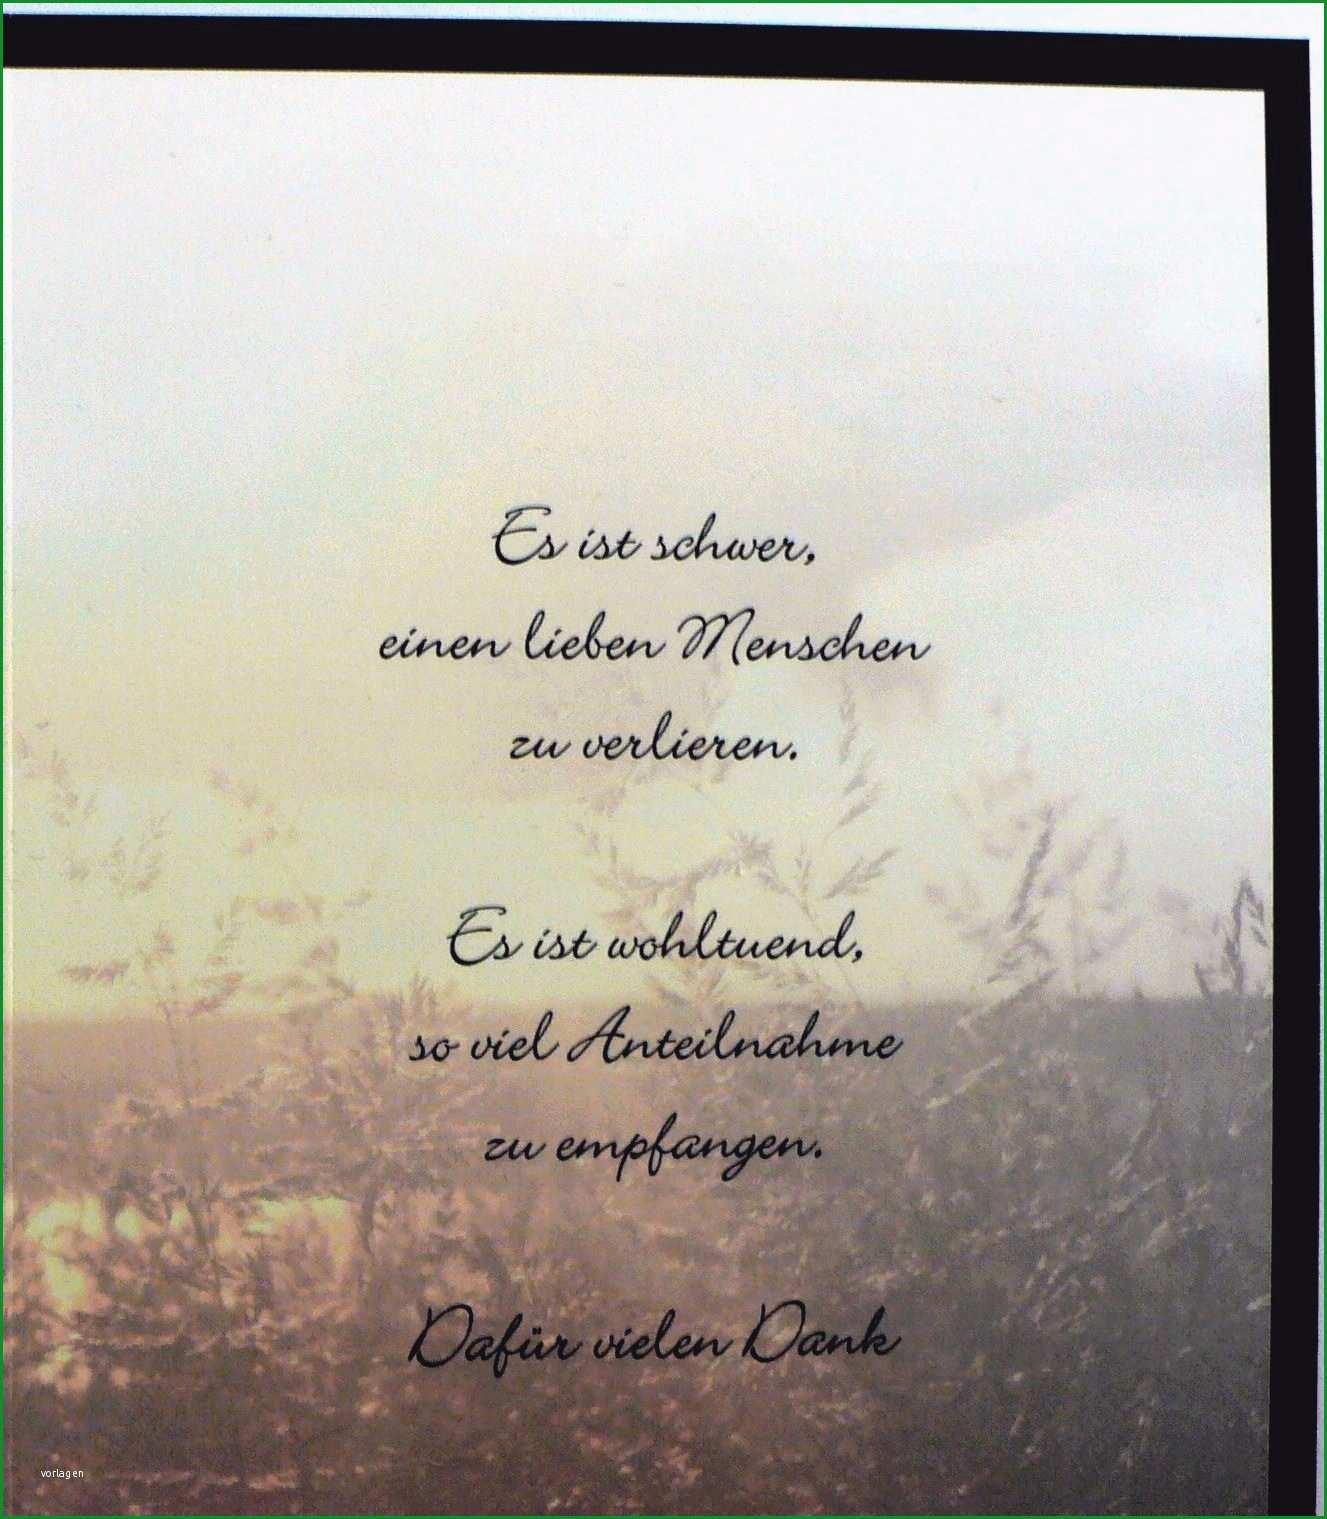 trauerkarte vorlage word schon trauerkarte fur kollegen stilvoll kariertes papier vorlage word